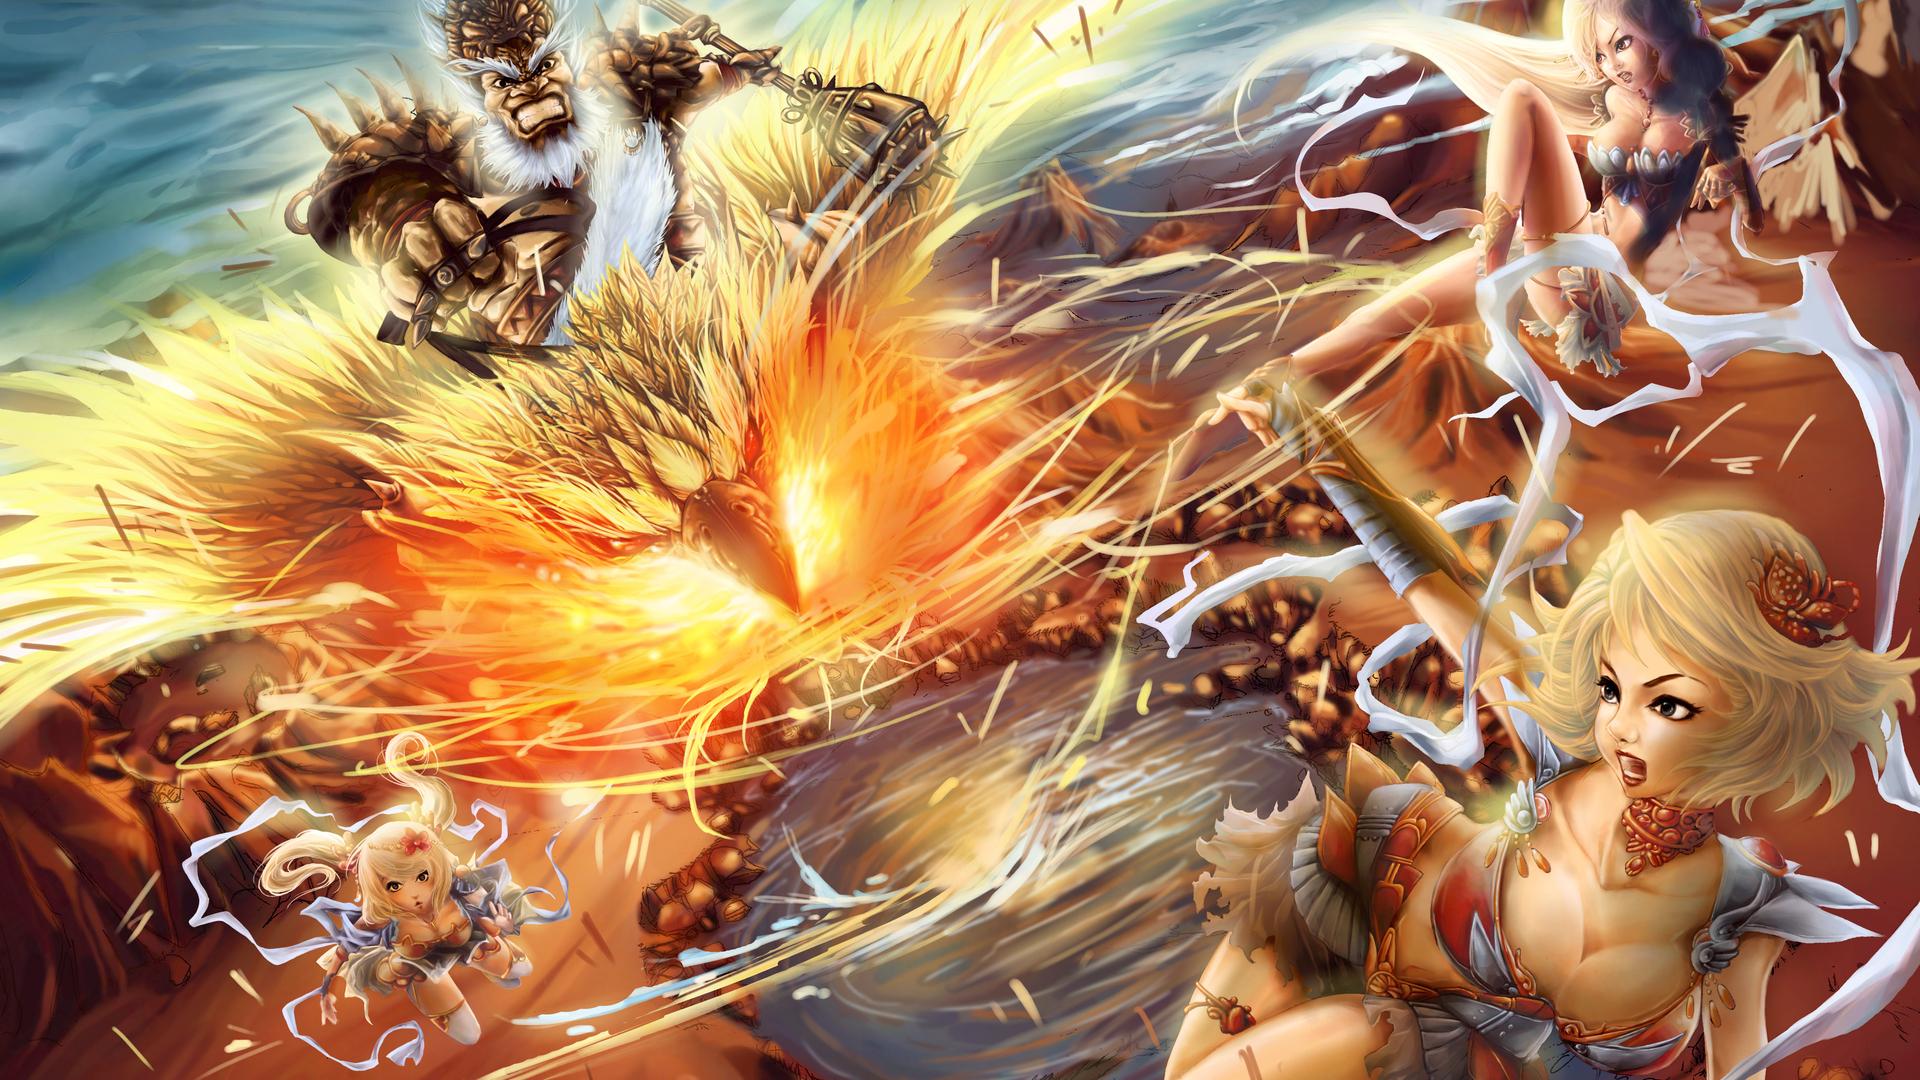 Anime Fight Wallpaper ForWallpapercom 1920x1080